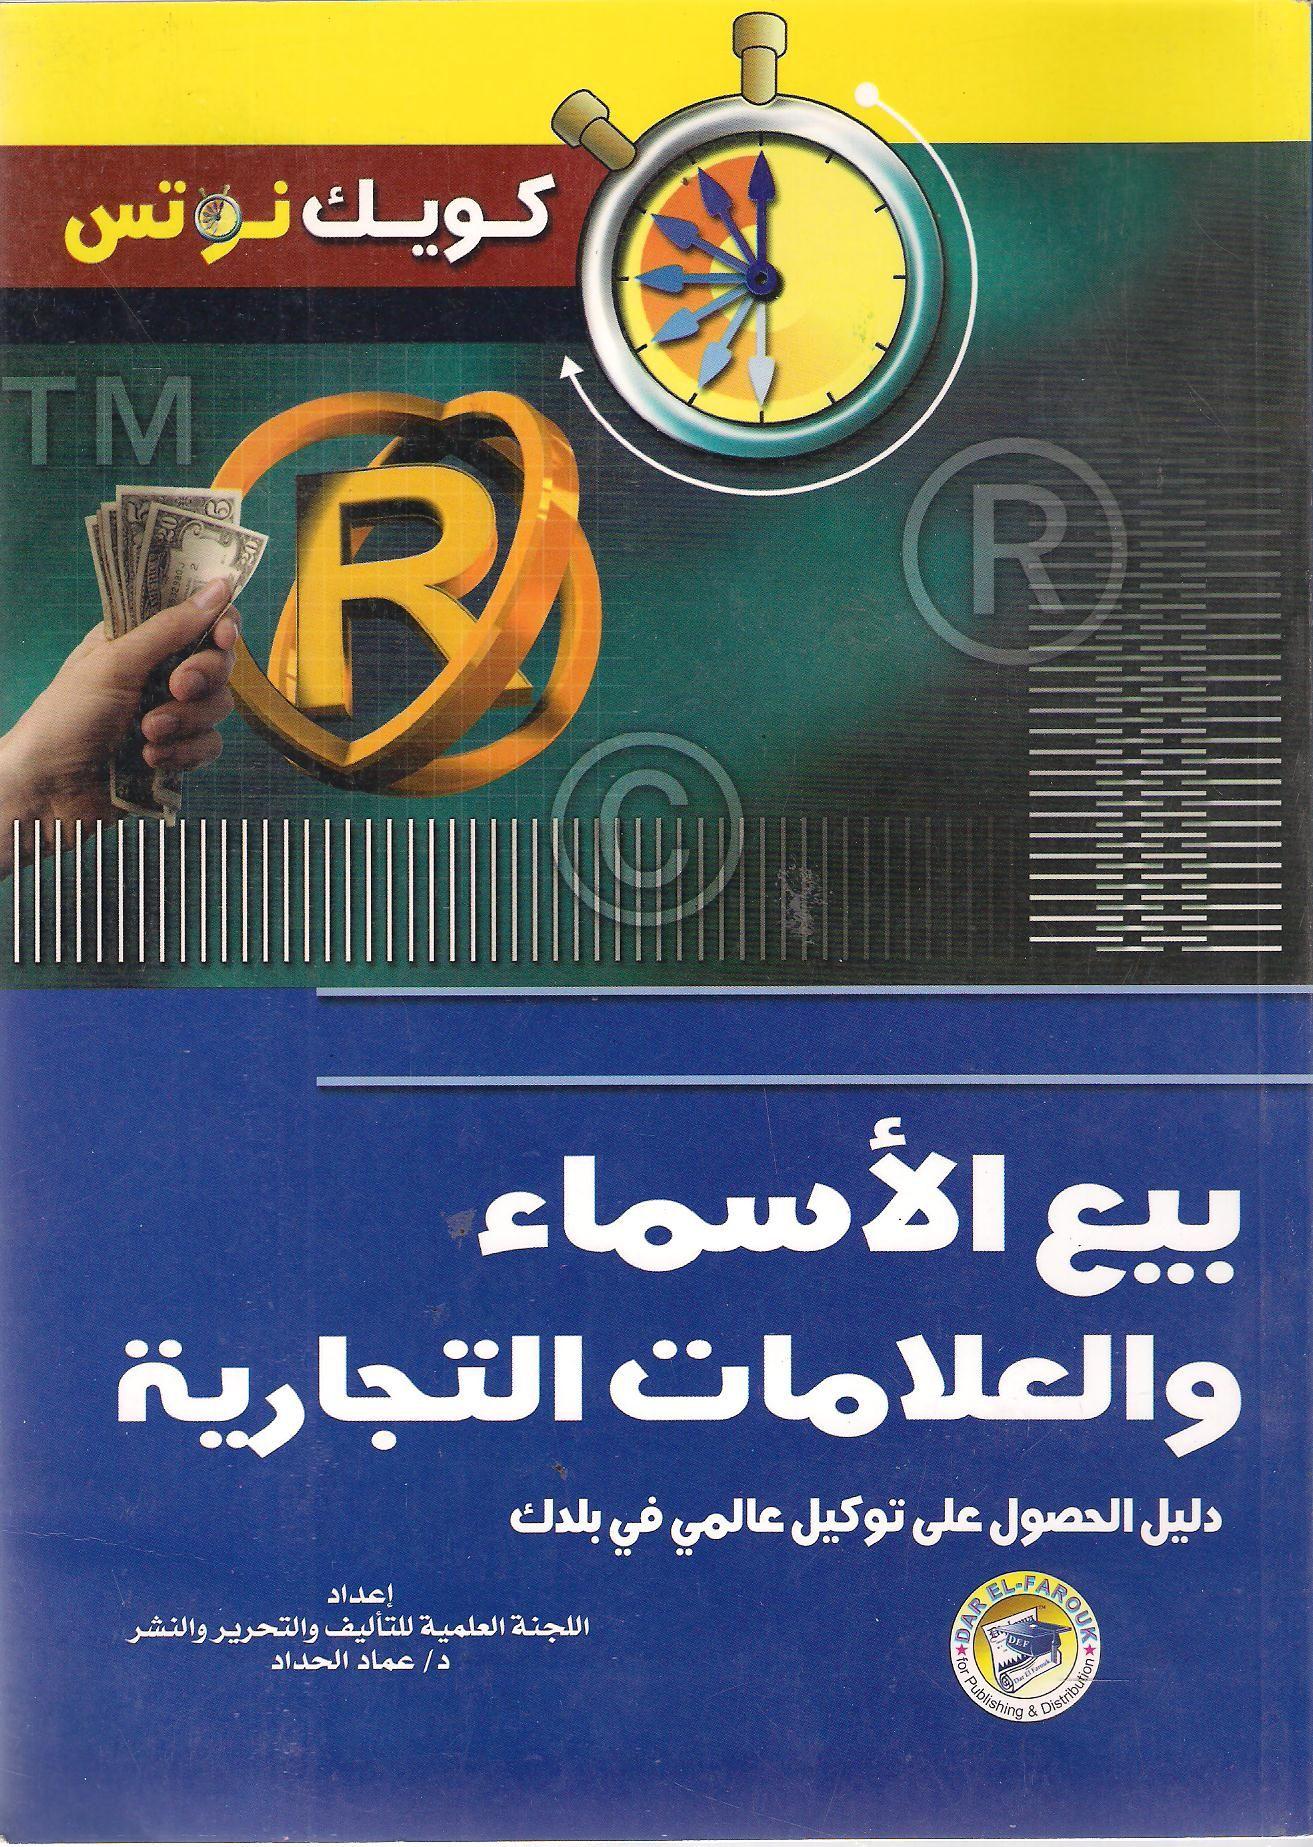 بيع الأسماء والعلامات التجارية Arabic Books Books Management Books